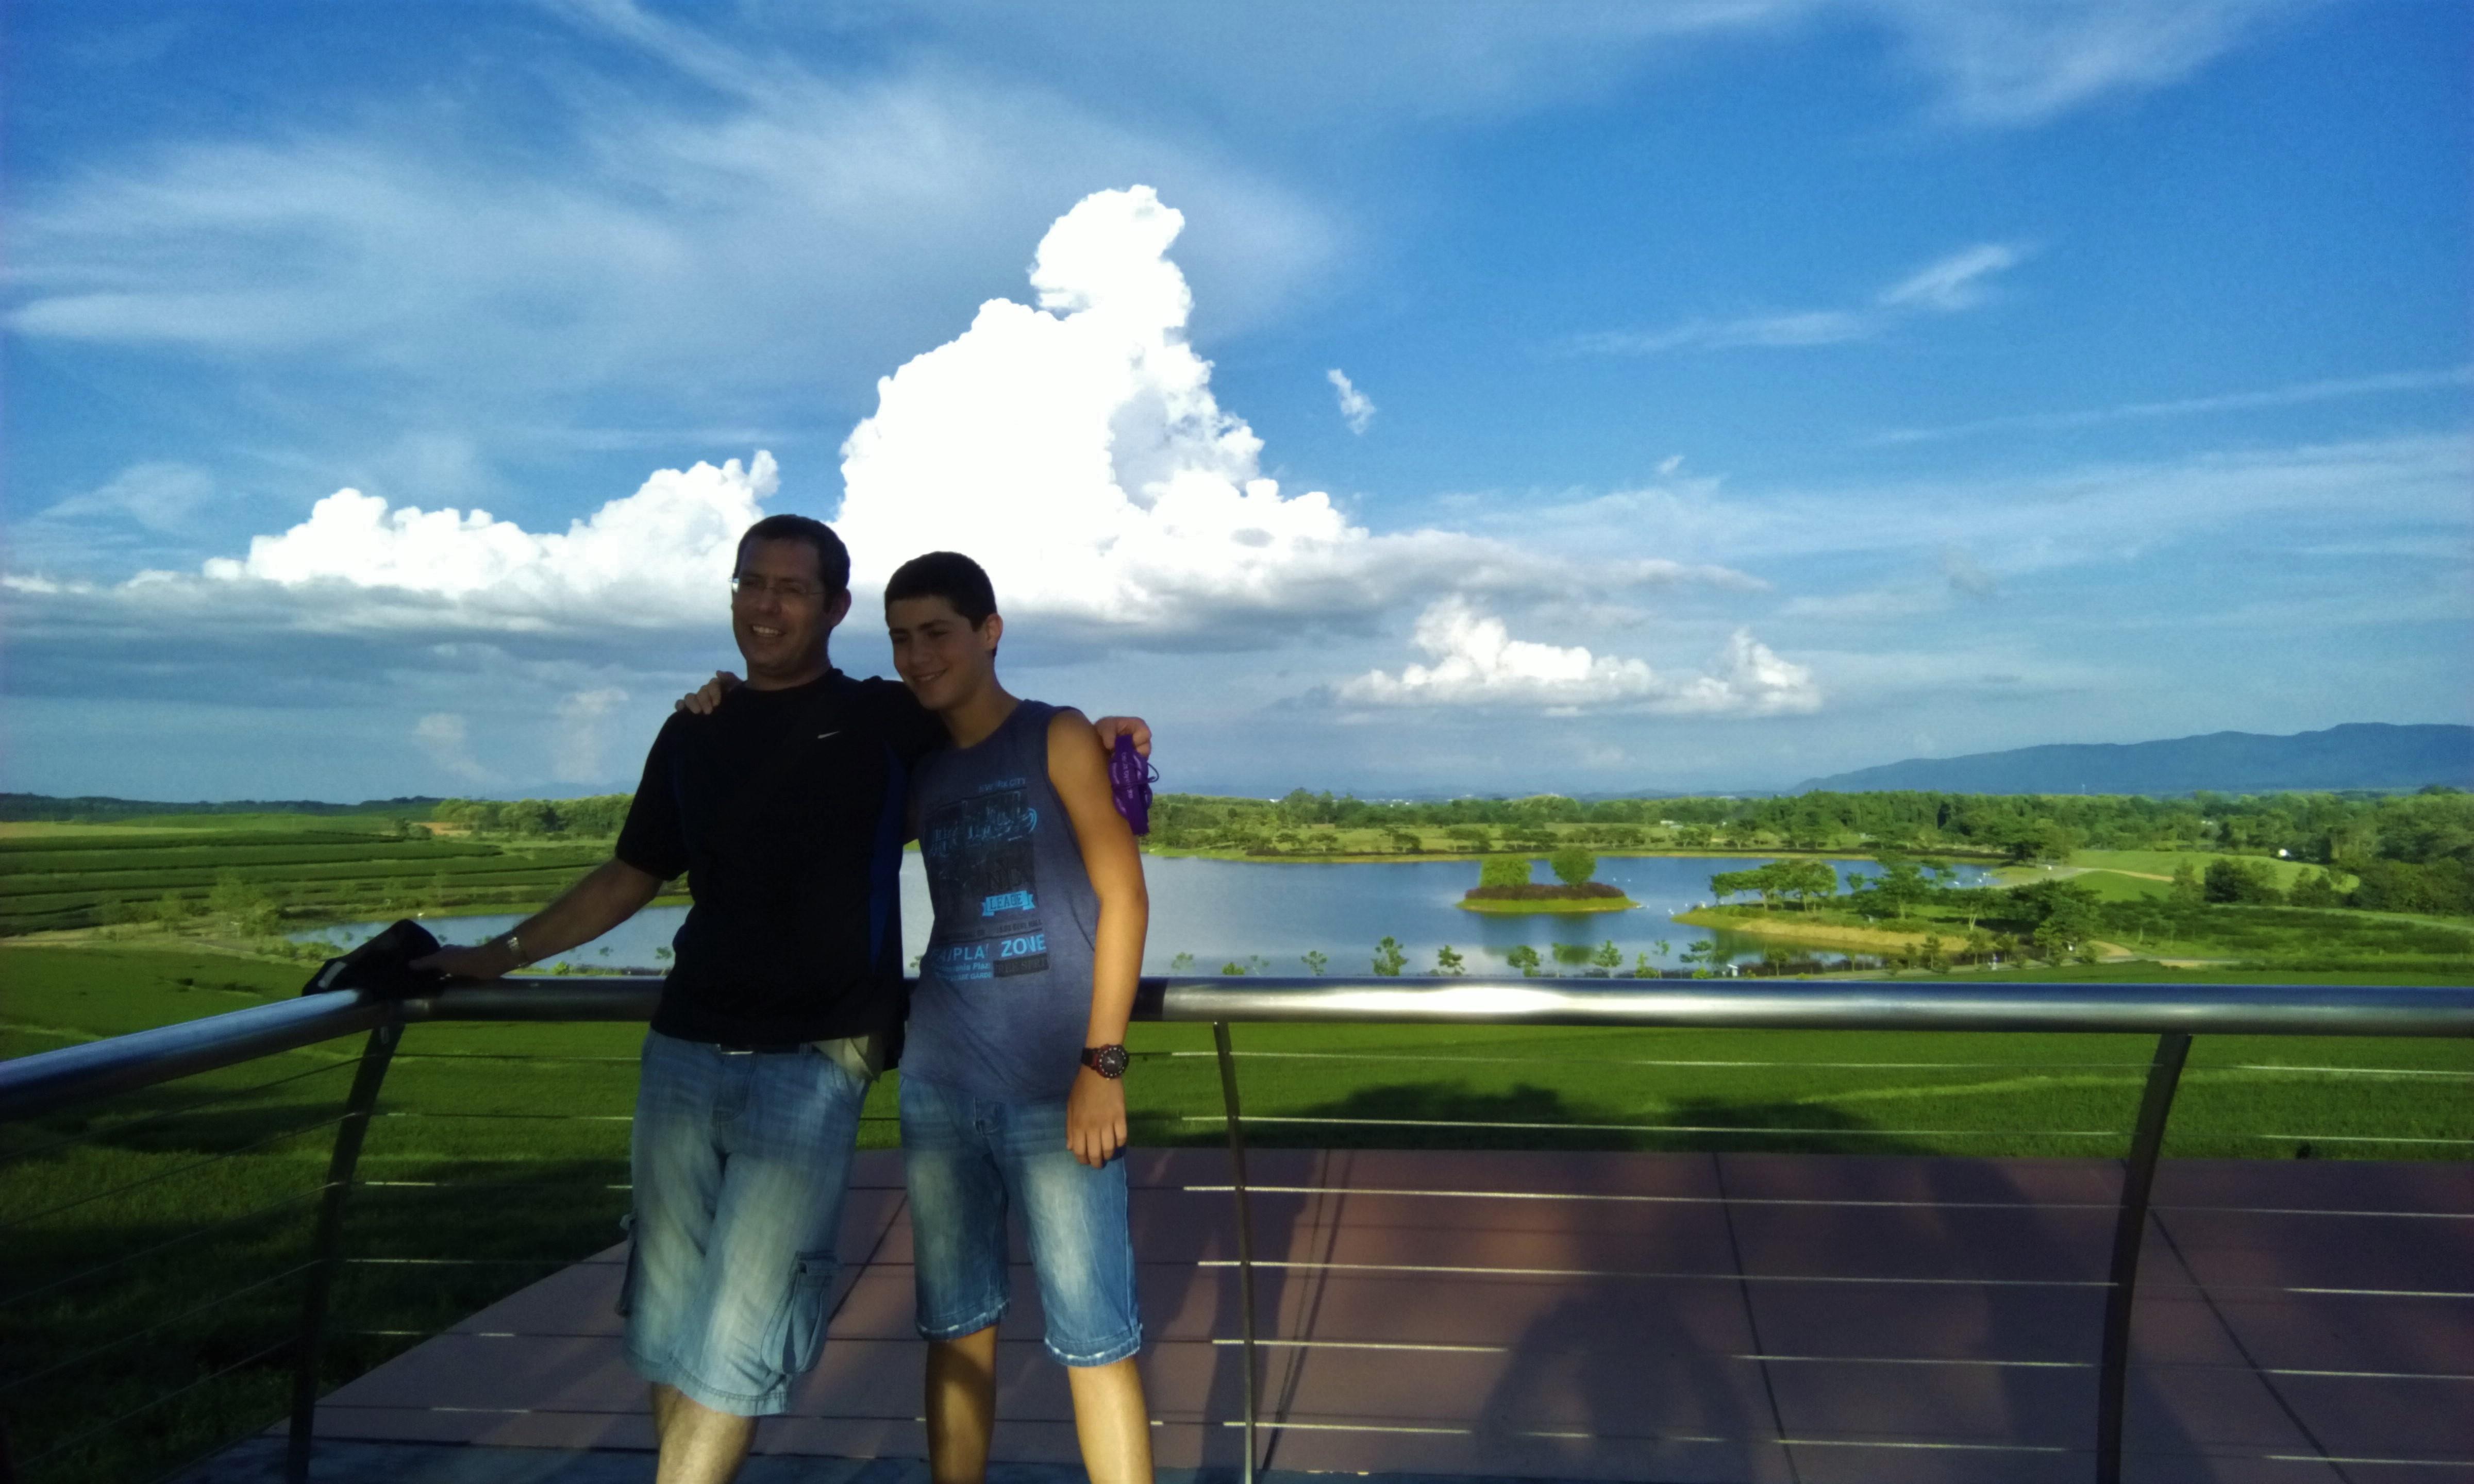 Singh Park